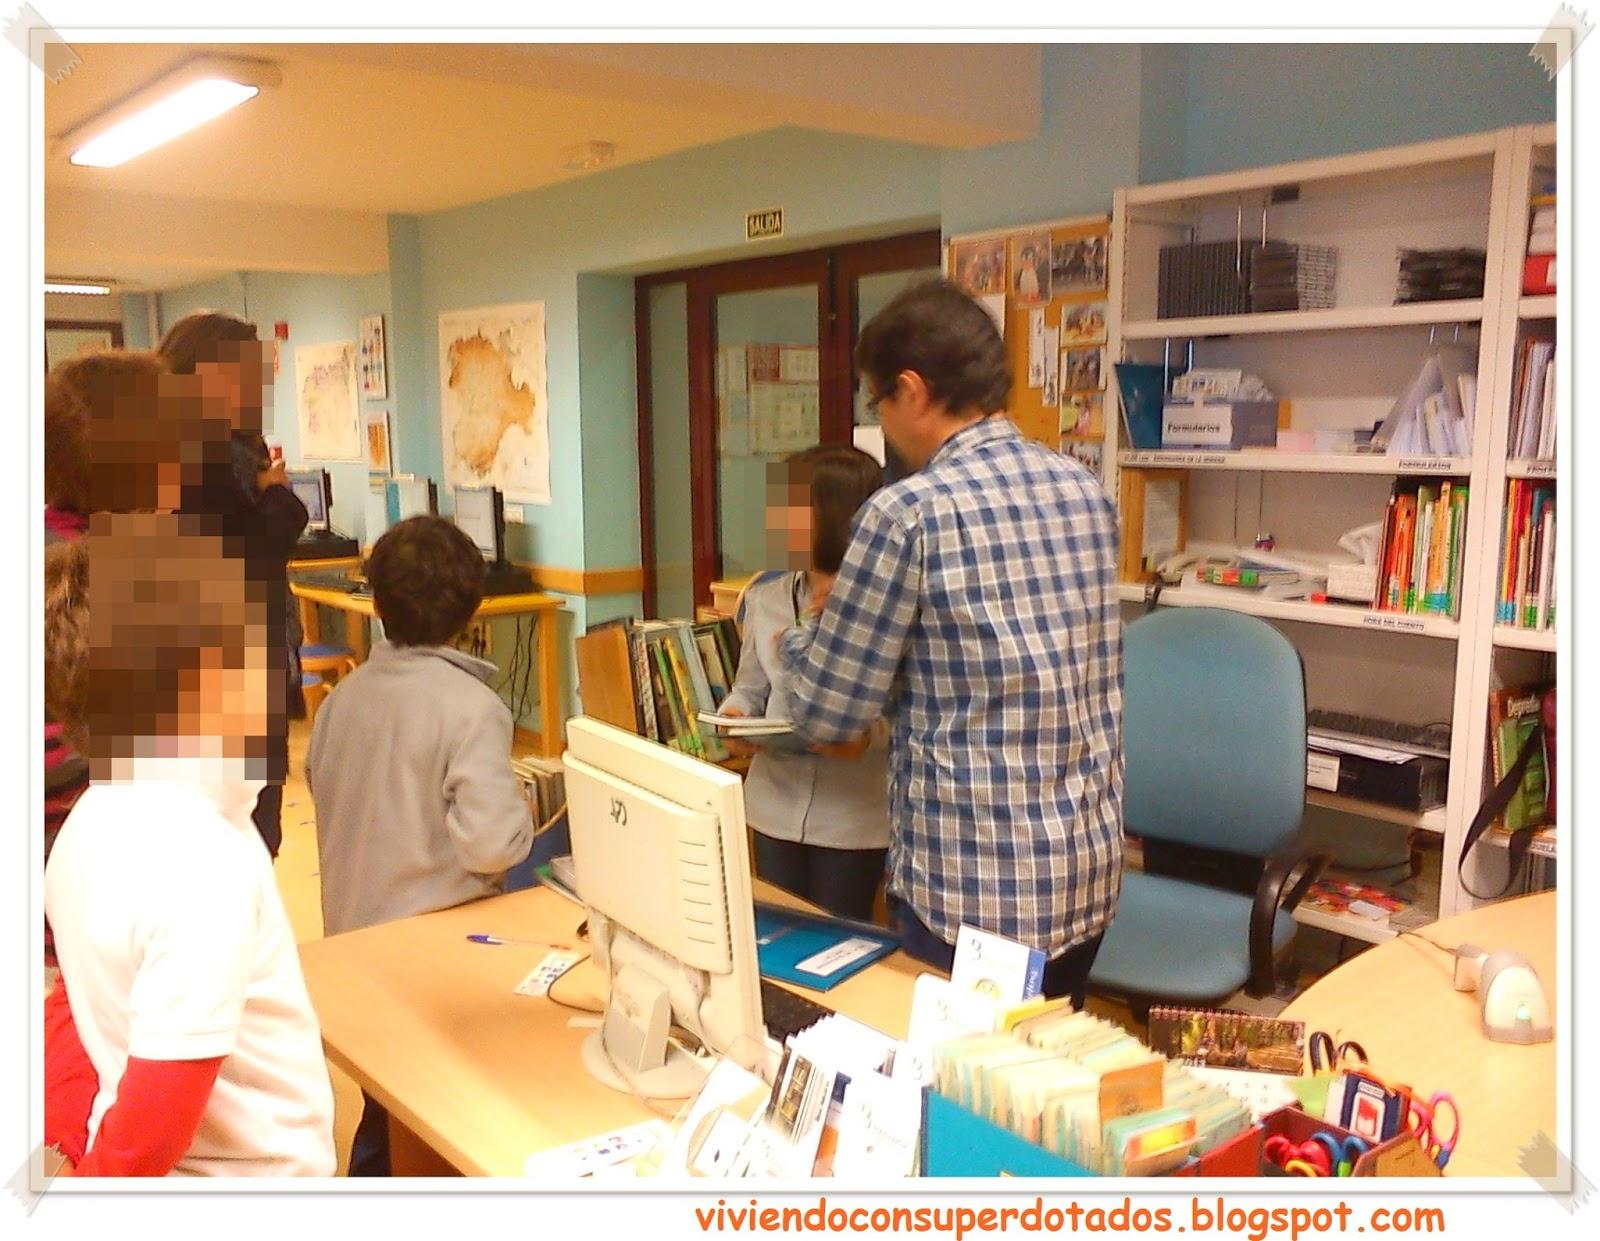 Viviendo con superdotados: Bibliotecario por un día